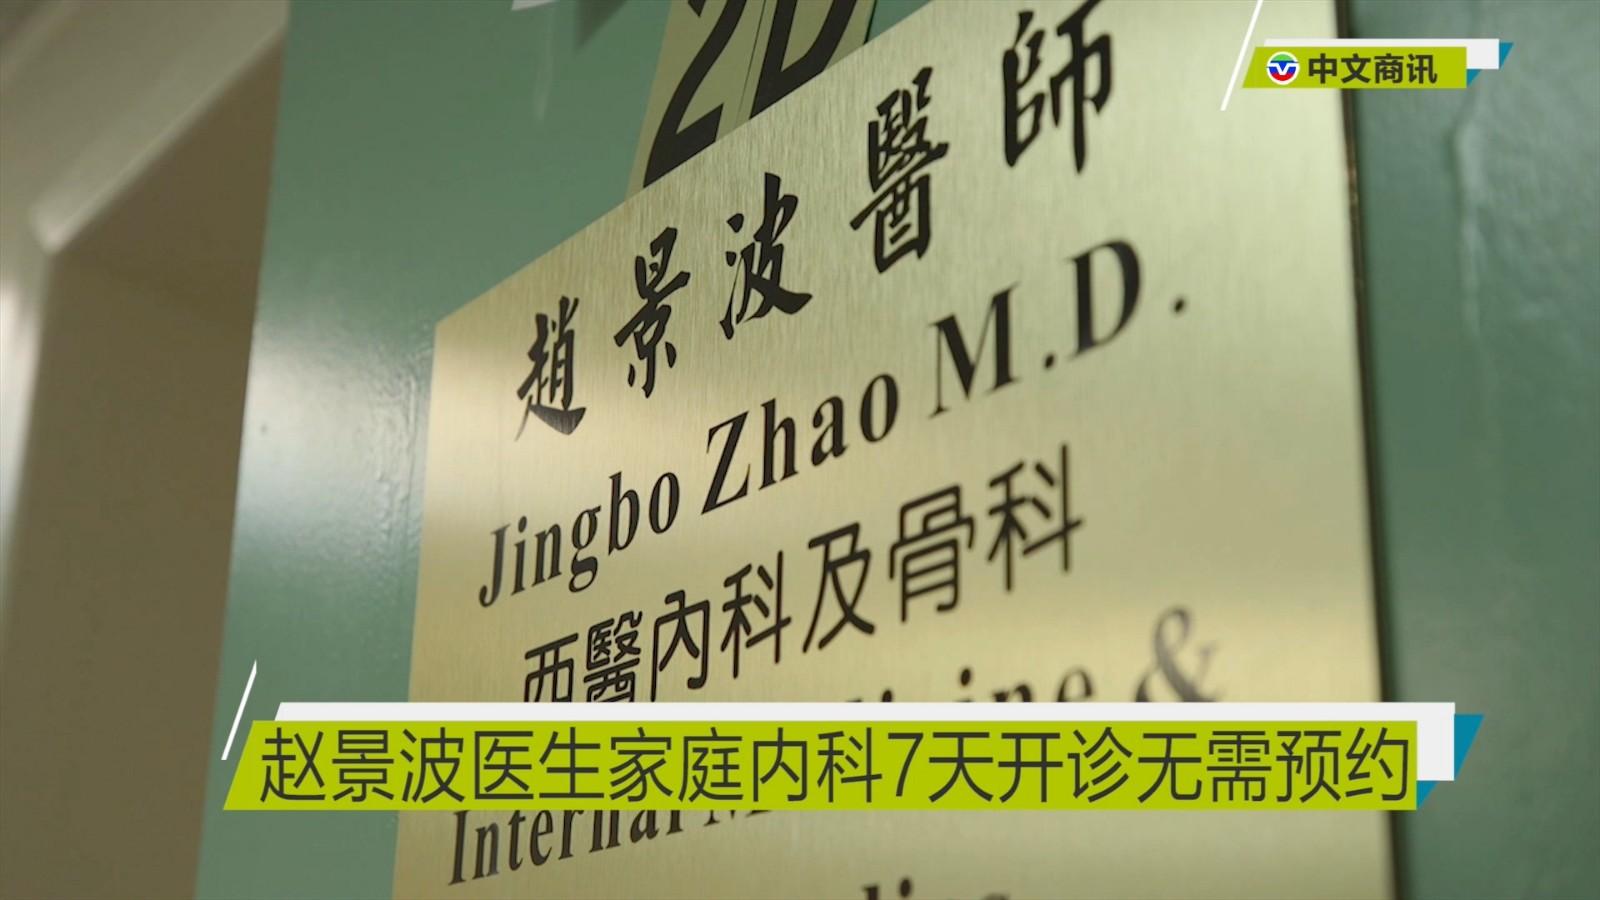 【视频】赵景波医生家庭内科7天开诊无需预约